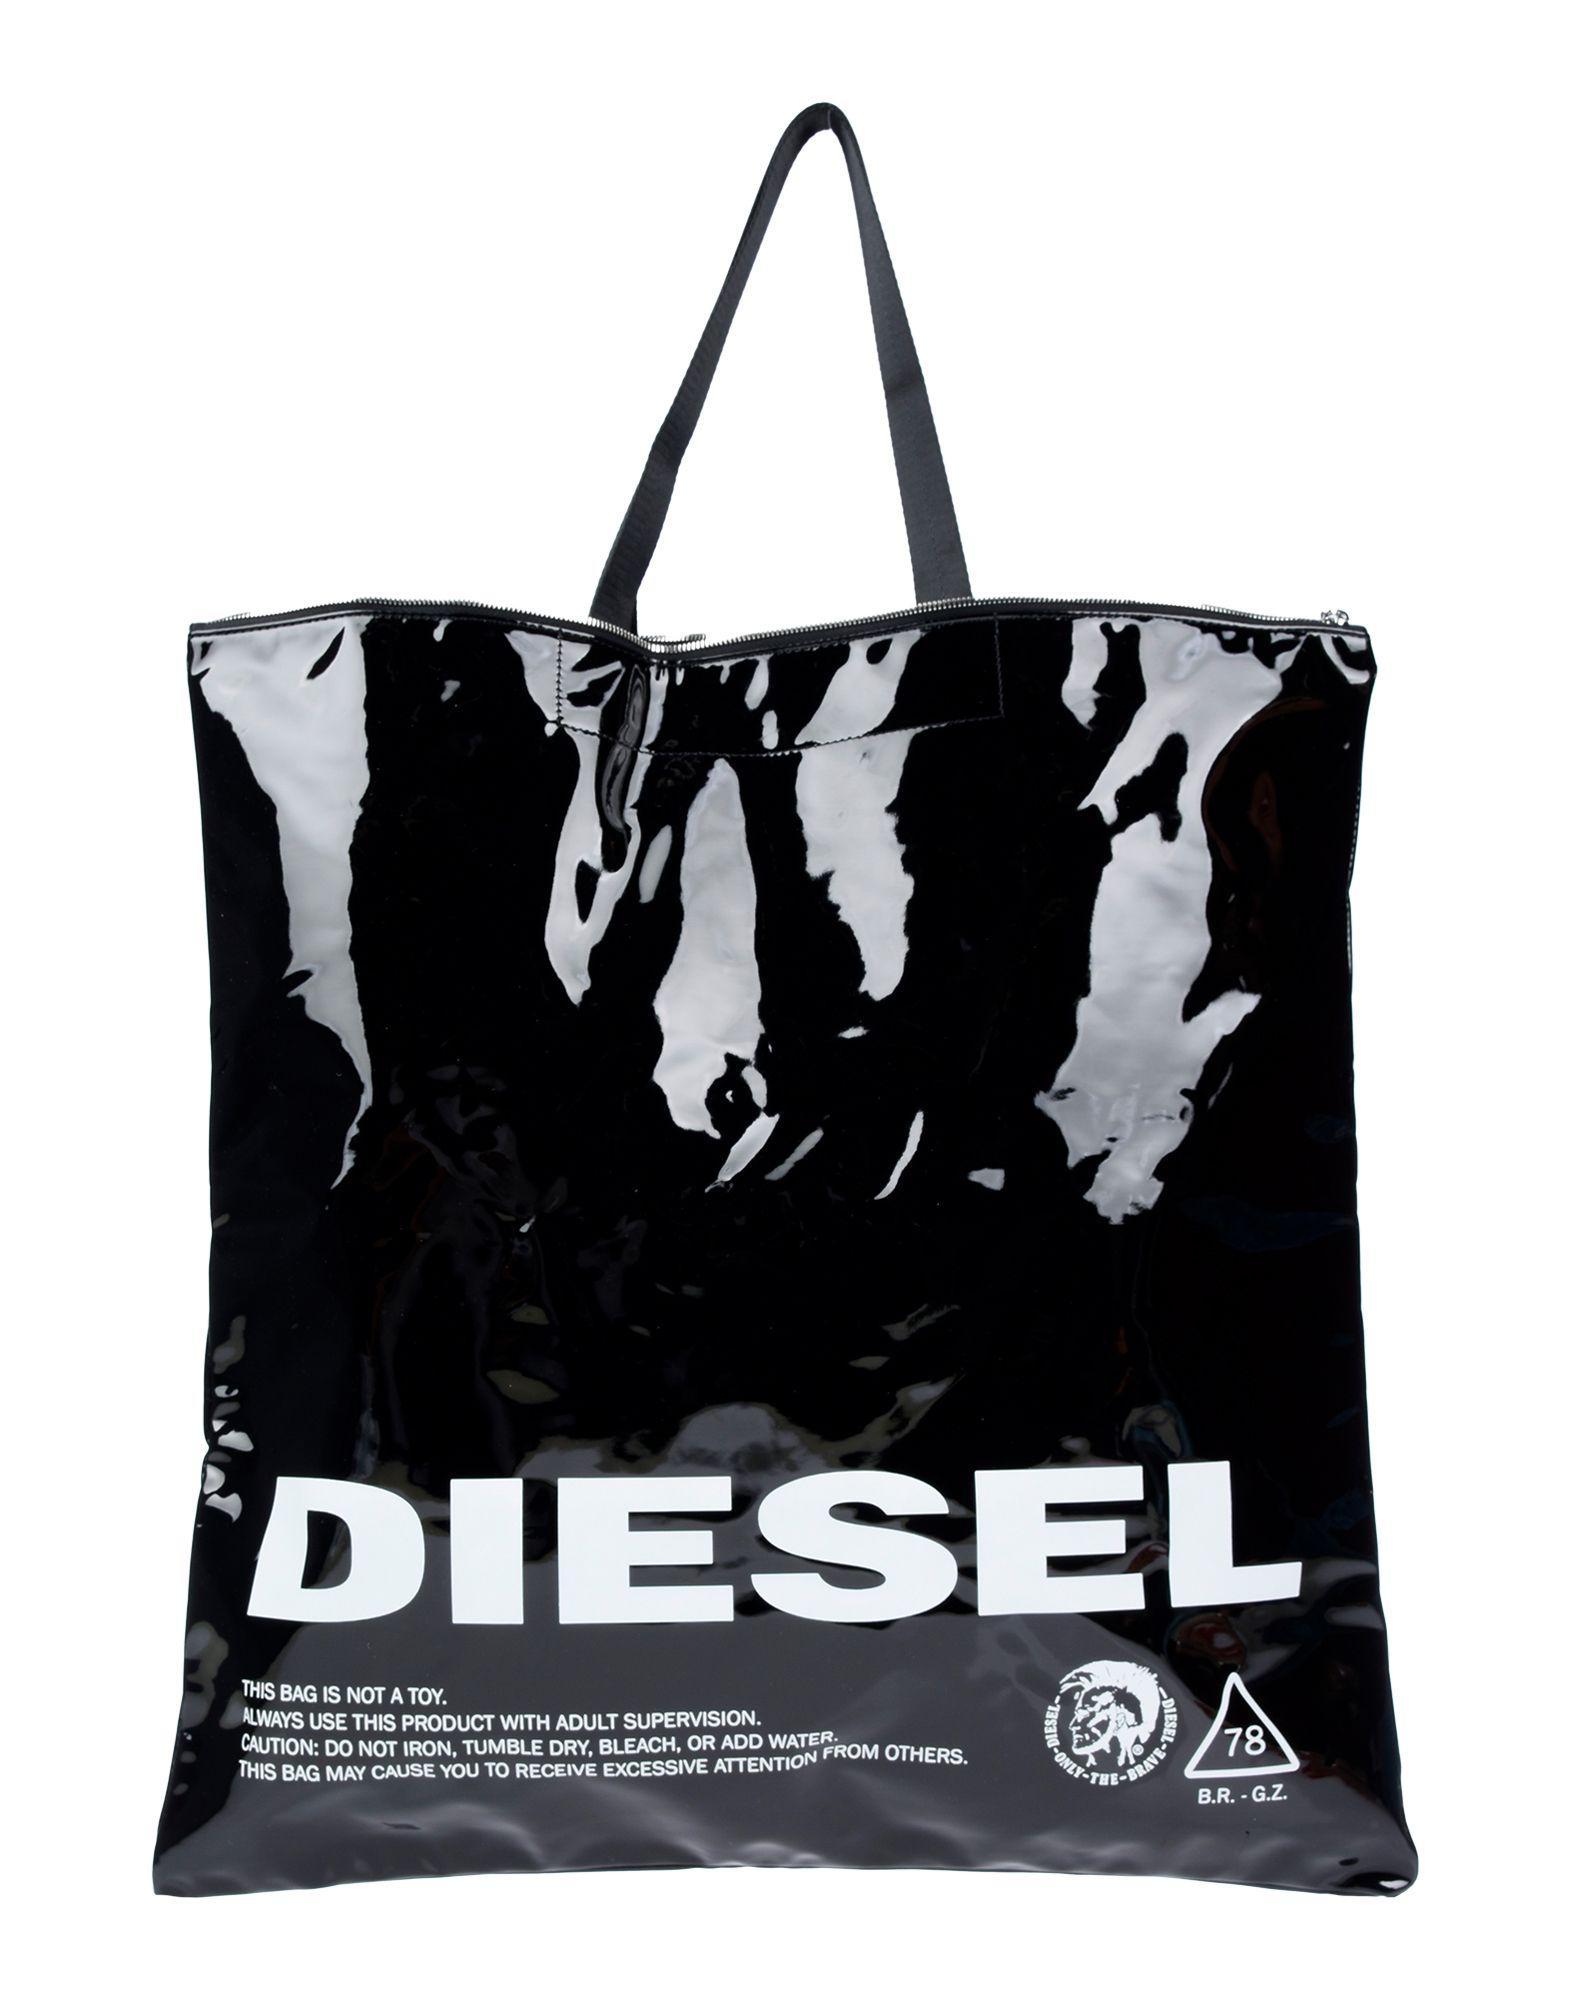 Diesel Handbag In Black